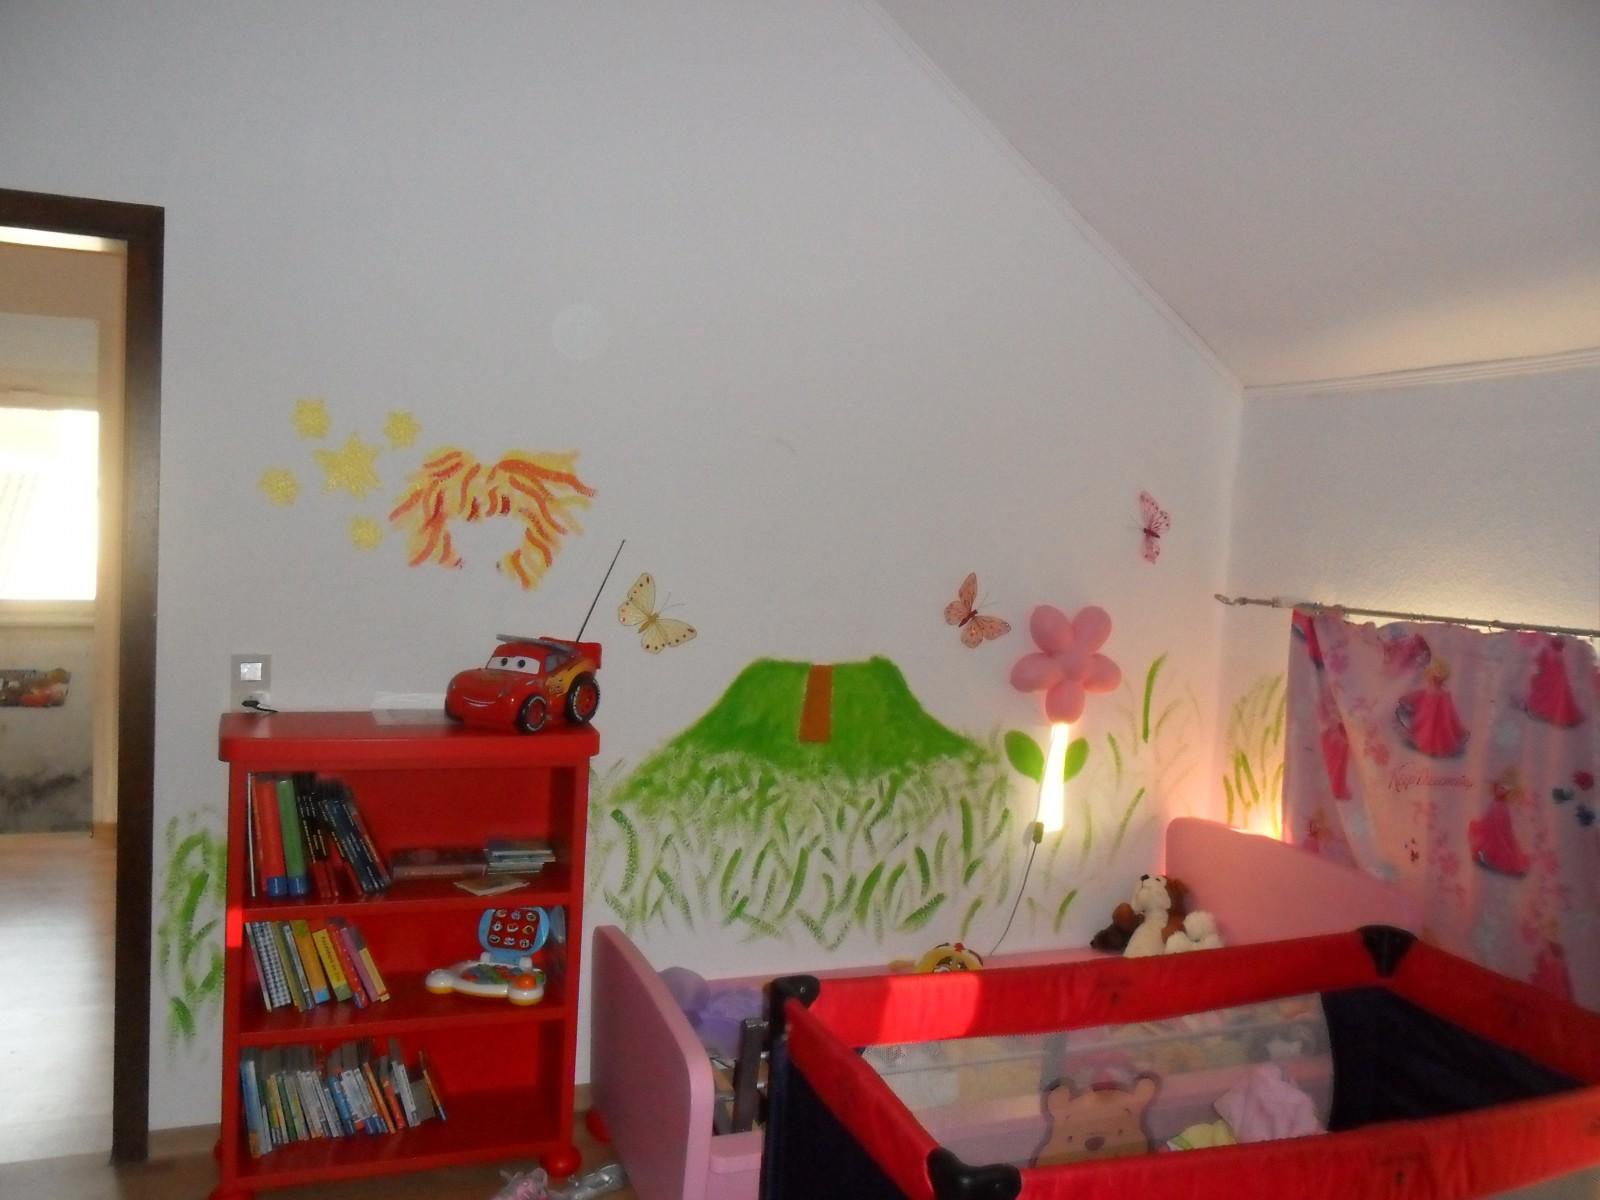 Kinderzimmer 39 kinderzimmer schlafzimmer cars prinzessin lillifee 39 mi ma m uschen dass - Schlafzimmer kinderzimmer ...